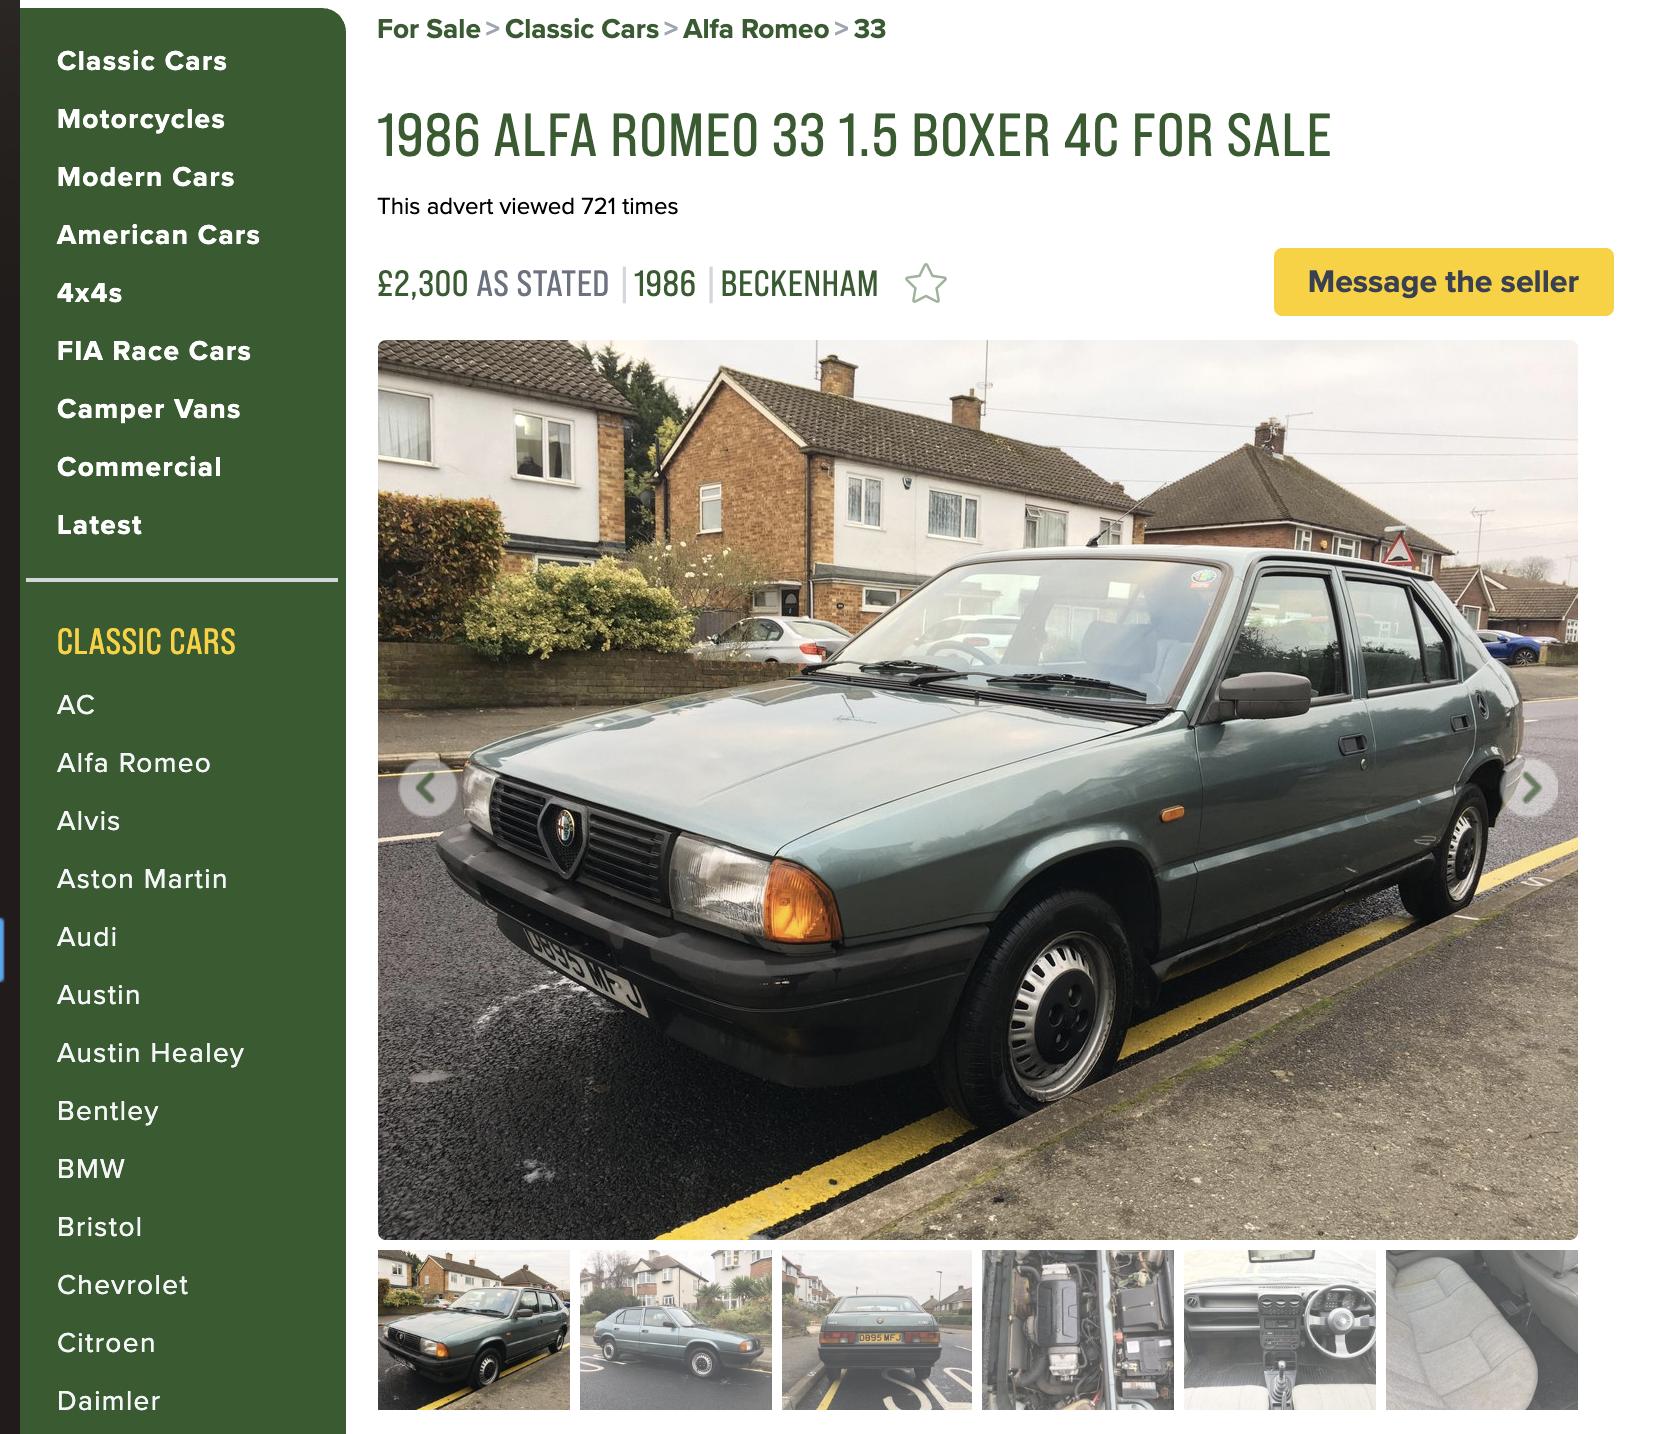 Unexceptional Classifieds: Alfa Romeo 33 1.5 4C